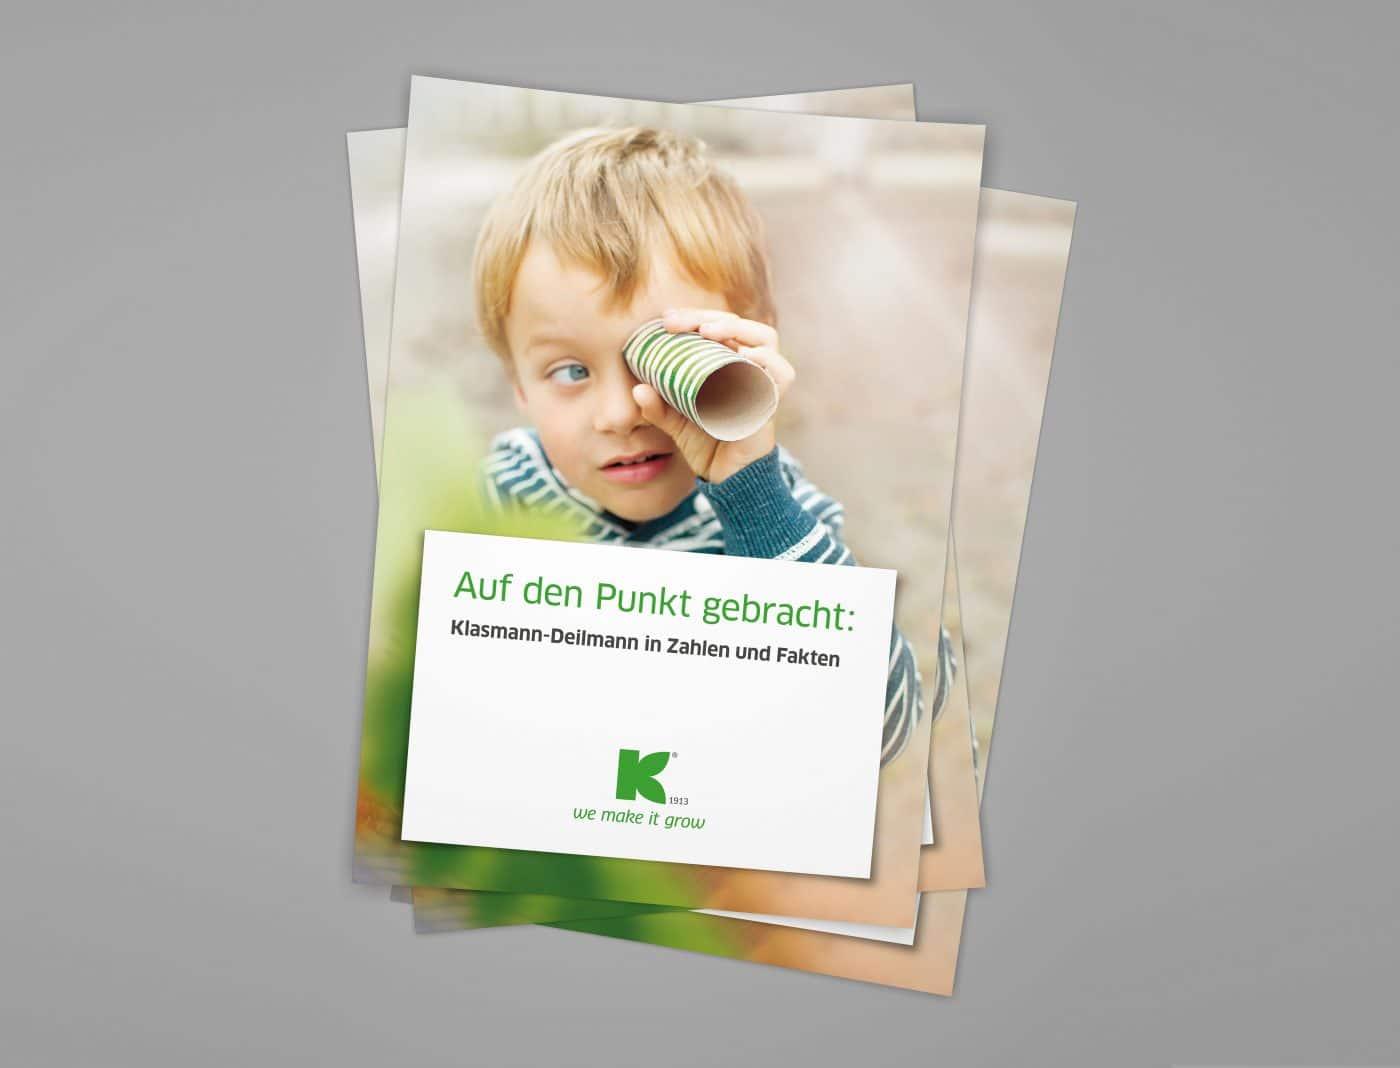 kd zahlen fakten 01 - Eine ganze Broschüre auf den Punkt gebracht – Corporate Design, Grafikdesign, Kommunikationsdesign, Markenentwicklung, Editorial Design